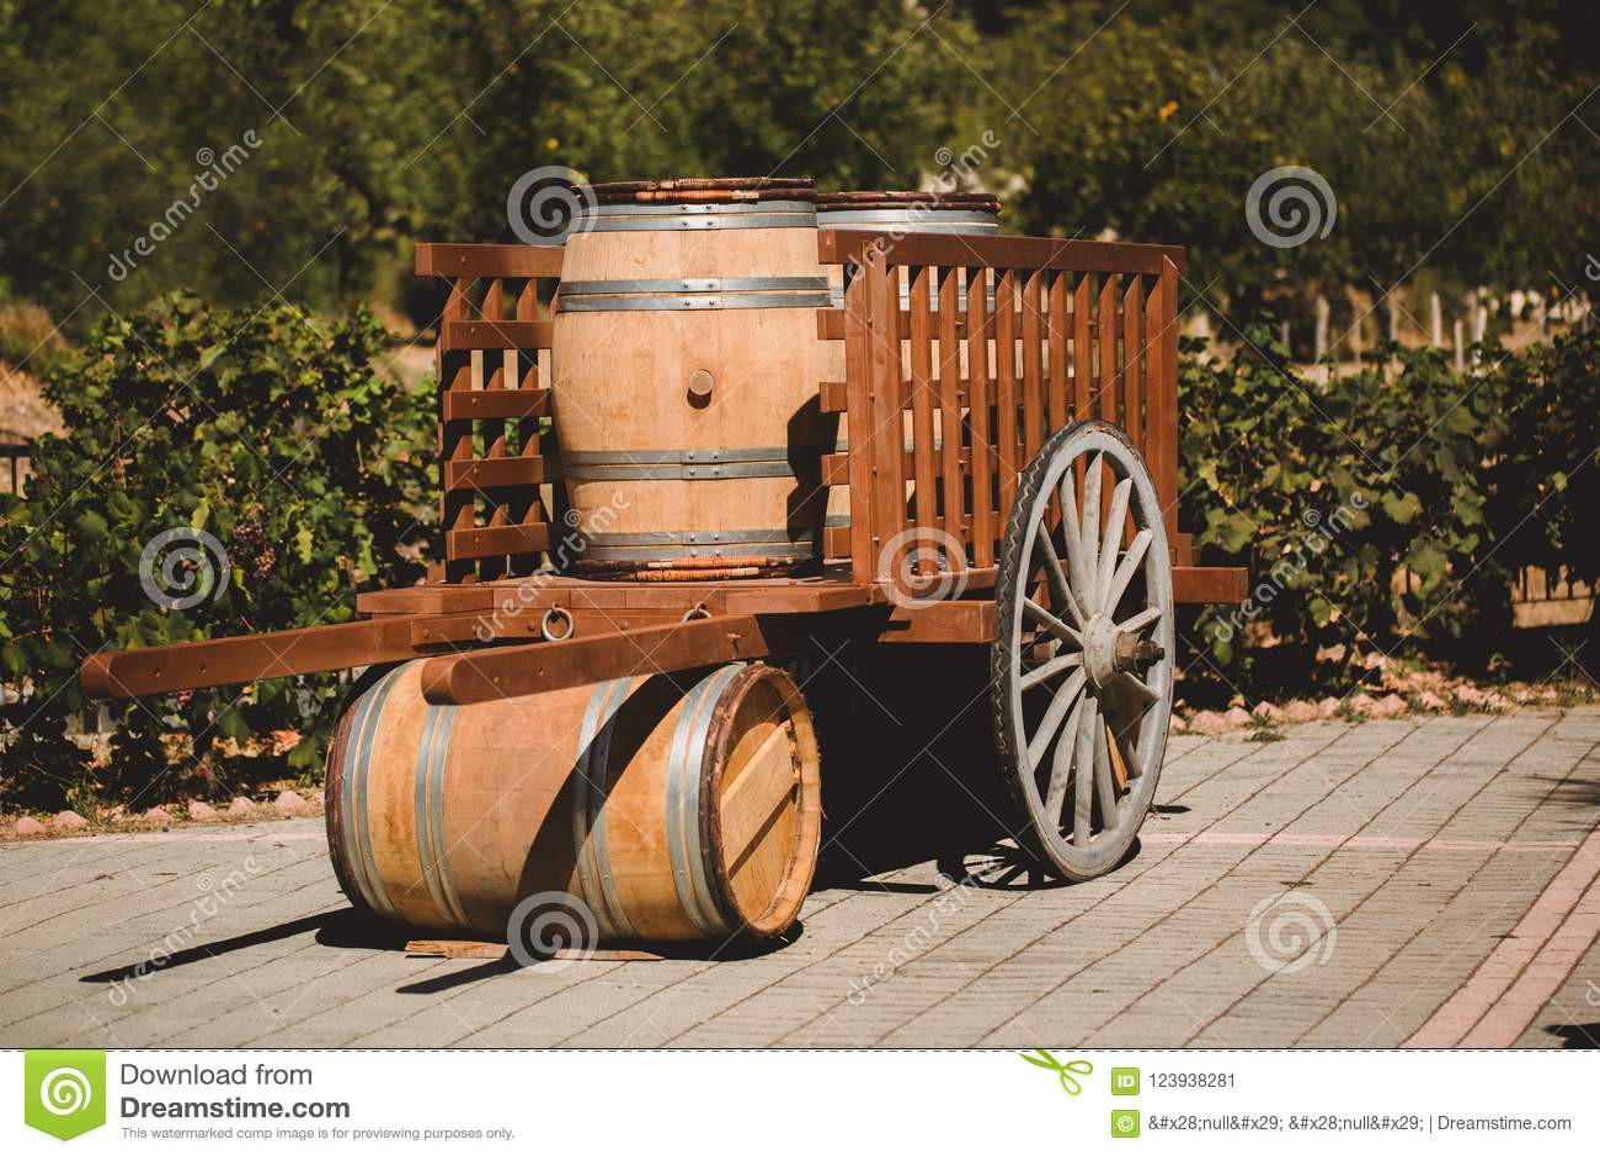 Ξύλινο βαρέλι με το κόκκινο και wihte κρασί για τη δοκιμή στο κάρρο στον αμπελώνα Κατασκευασμένο αντικείμενο